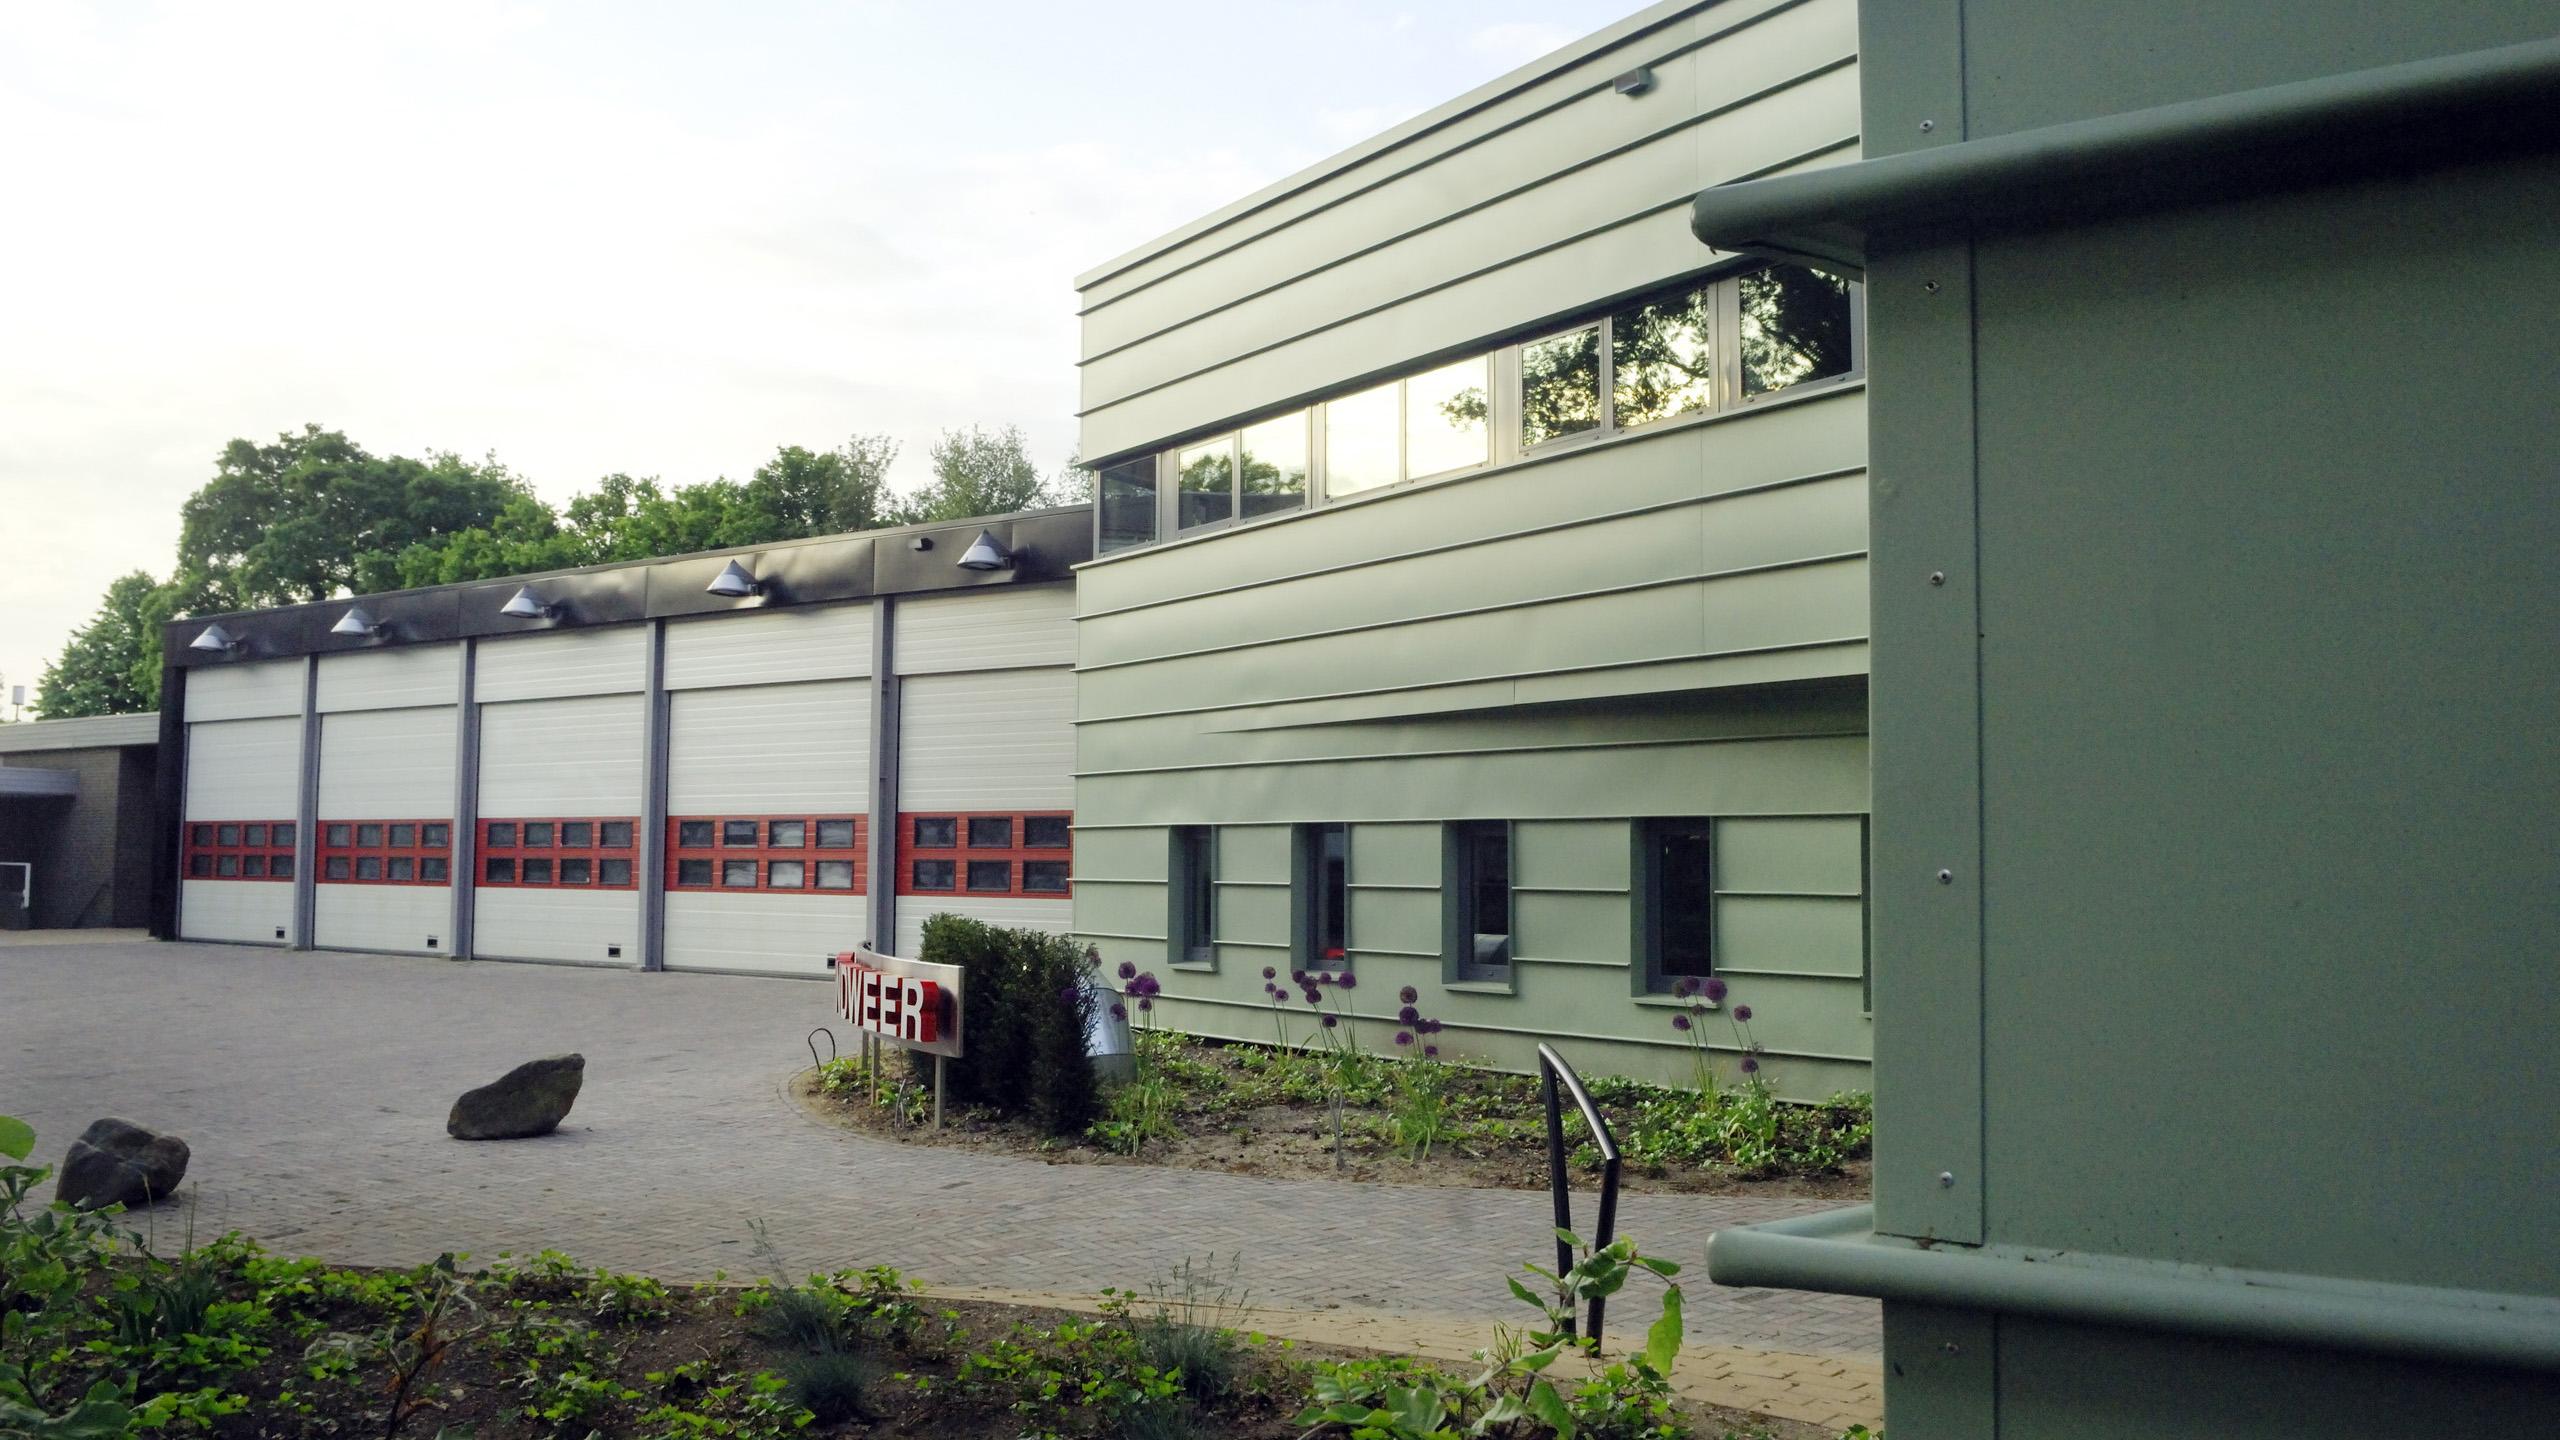 Brandweerkazerne Doorwerth_Weusten Liedenbaum Architecten